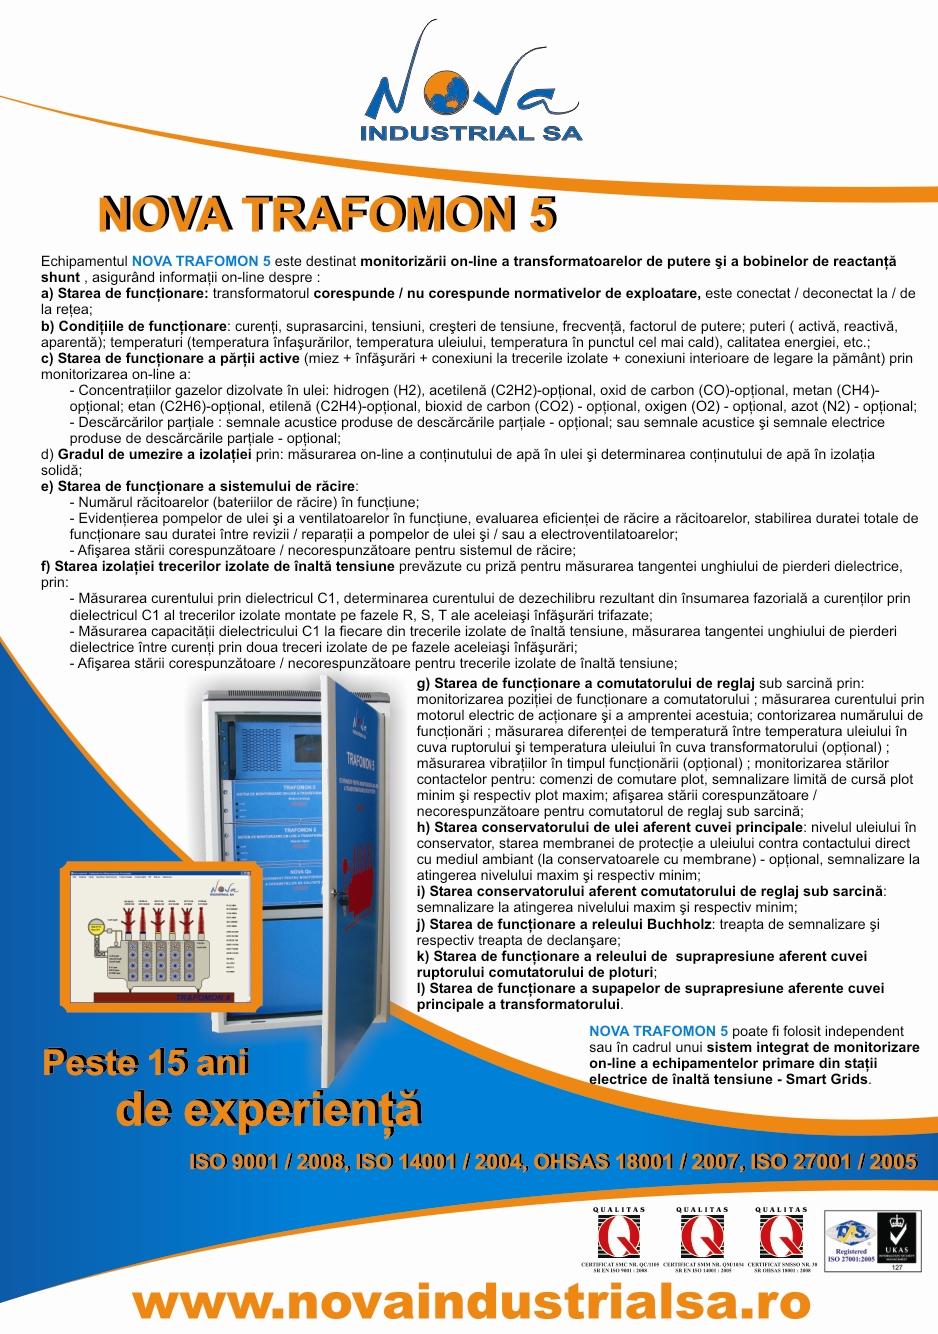 NOVA TRAFOMON 5